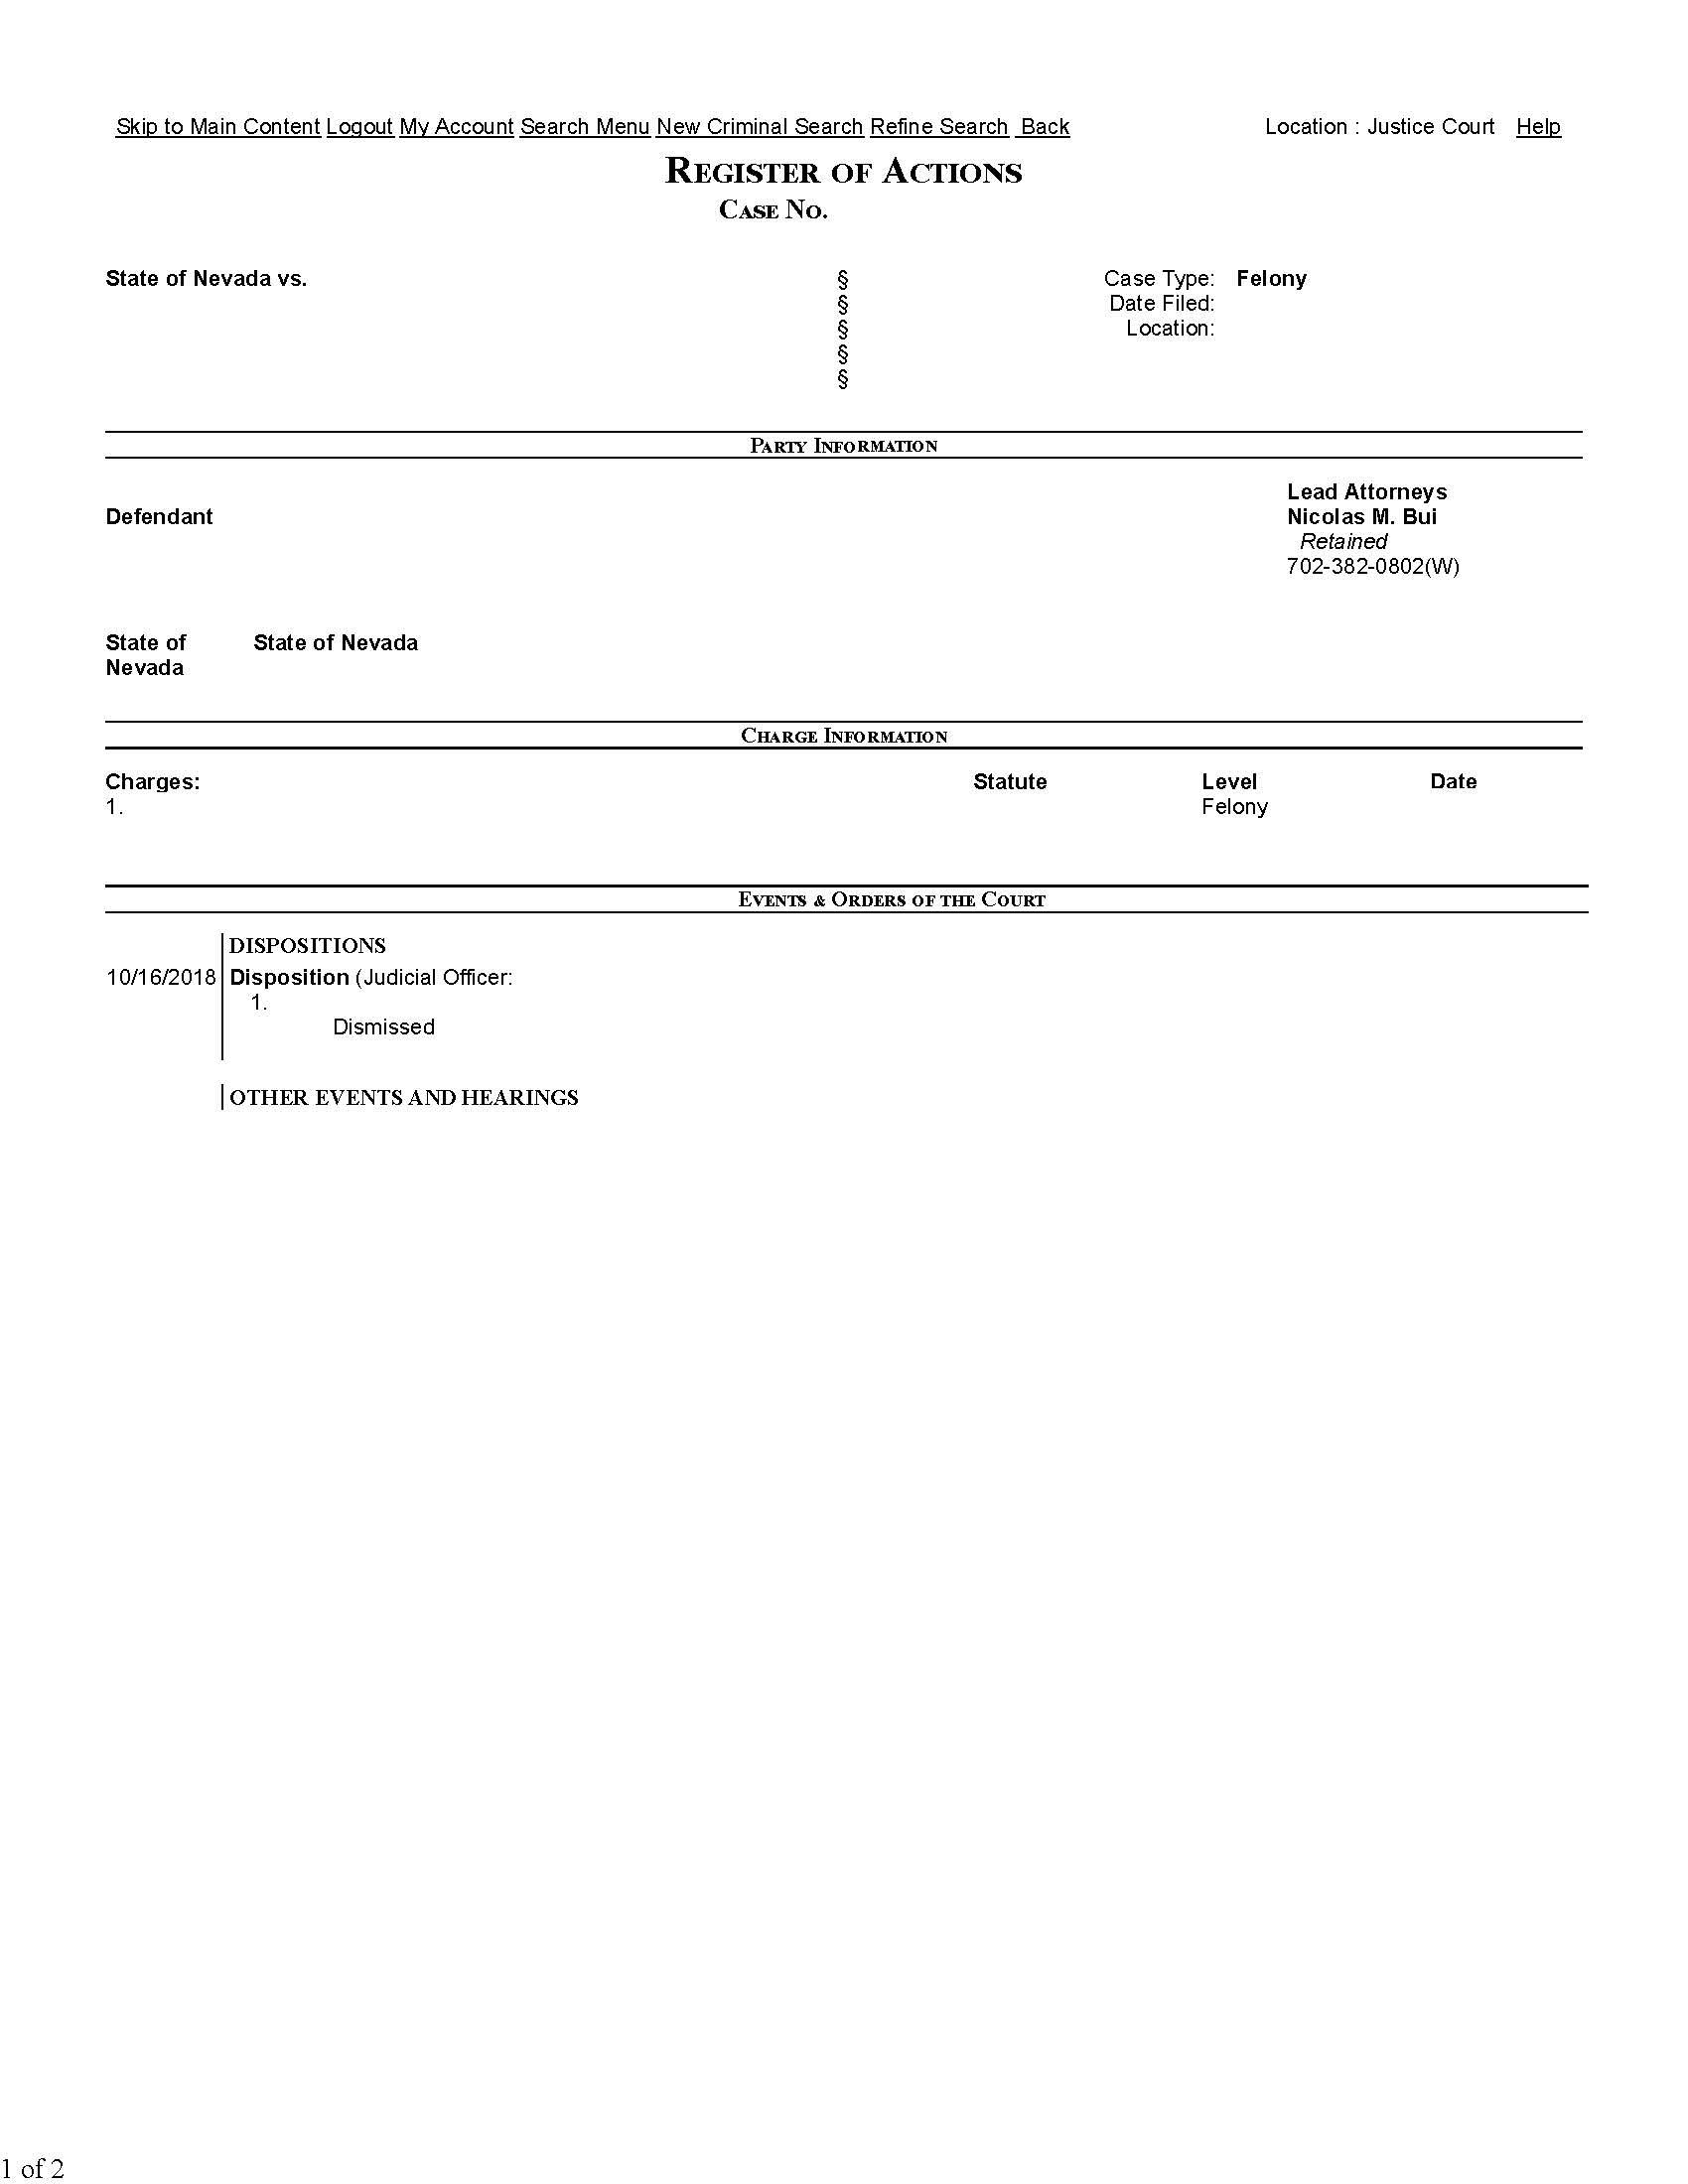 Prelim hearing dismissed_Page_1.jpg